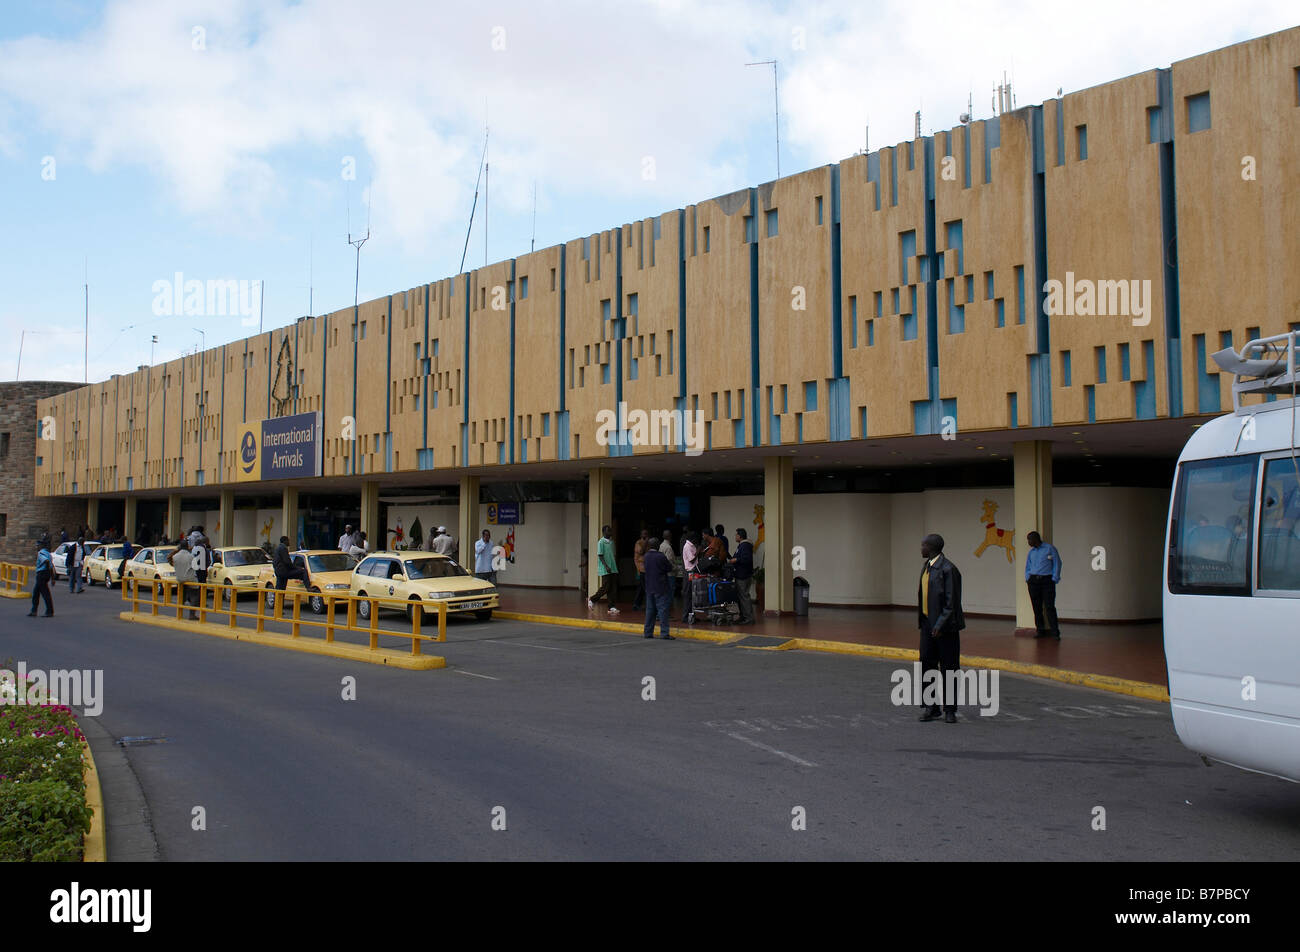 Aeroporto Kenya : Terminale di arrivoaeroporto internazionale jomo kenyatta di